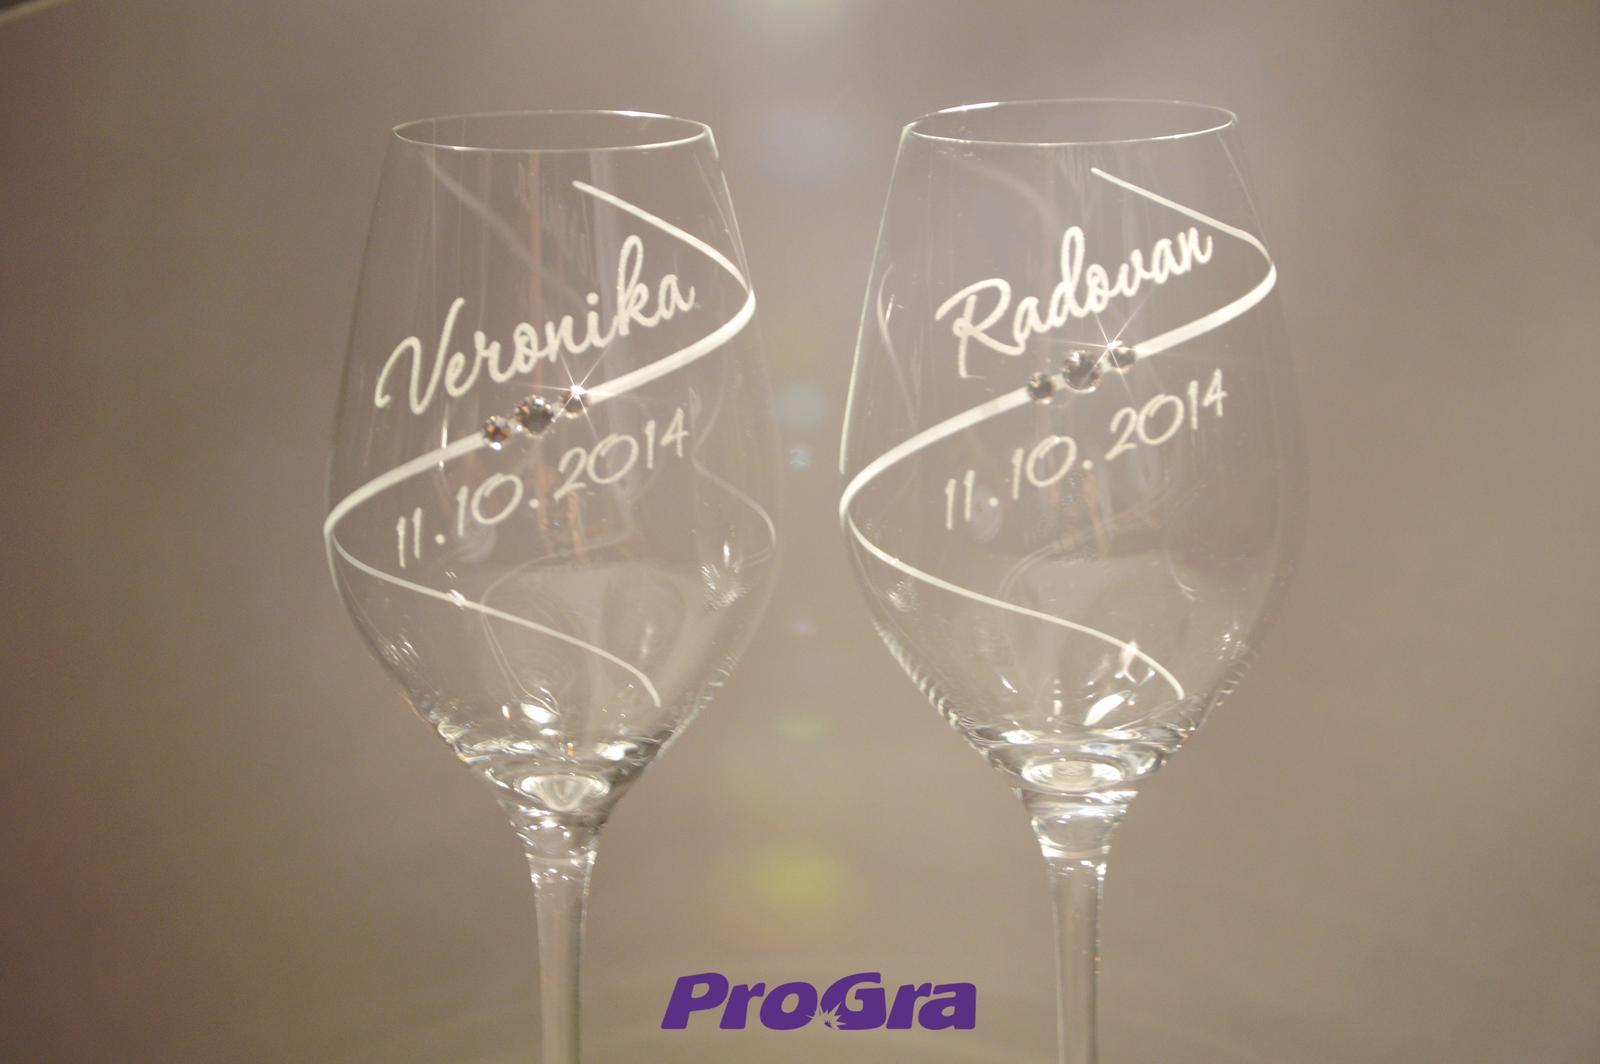 Erin - svatební skleničky 2ks - Obrázek č. 1